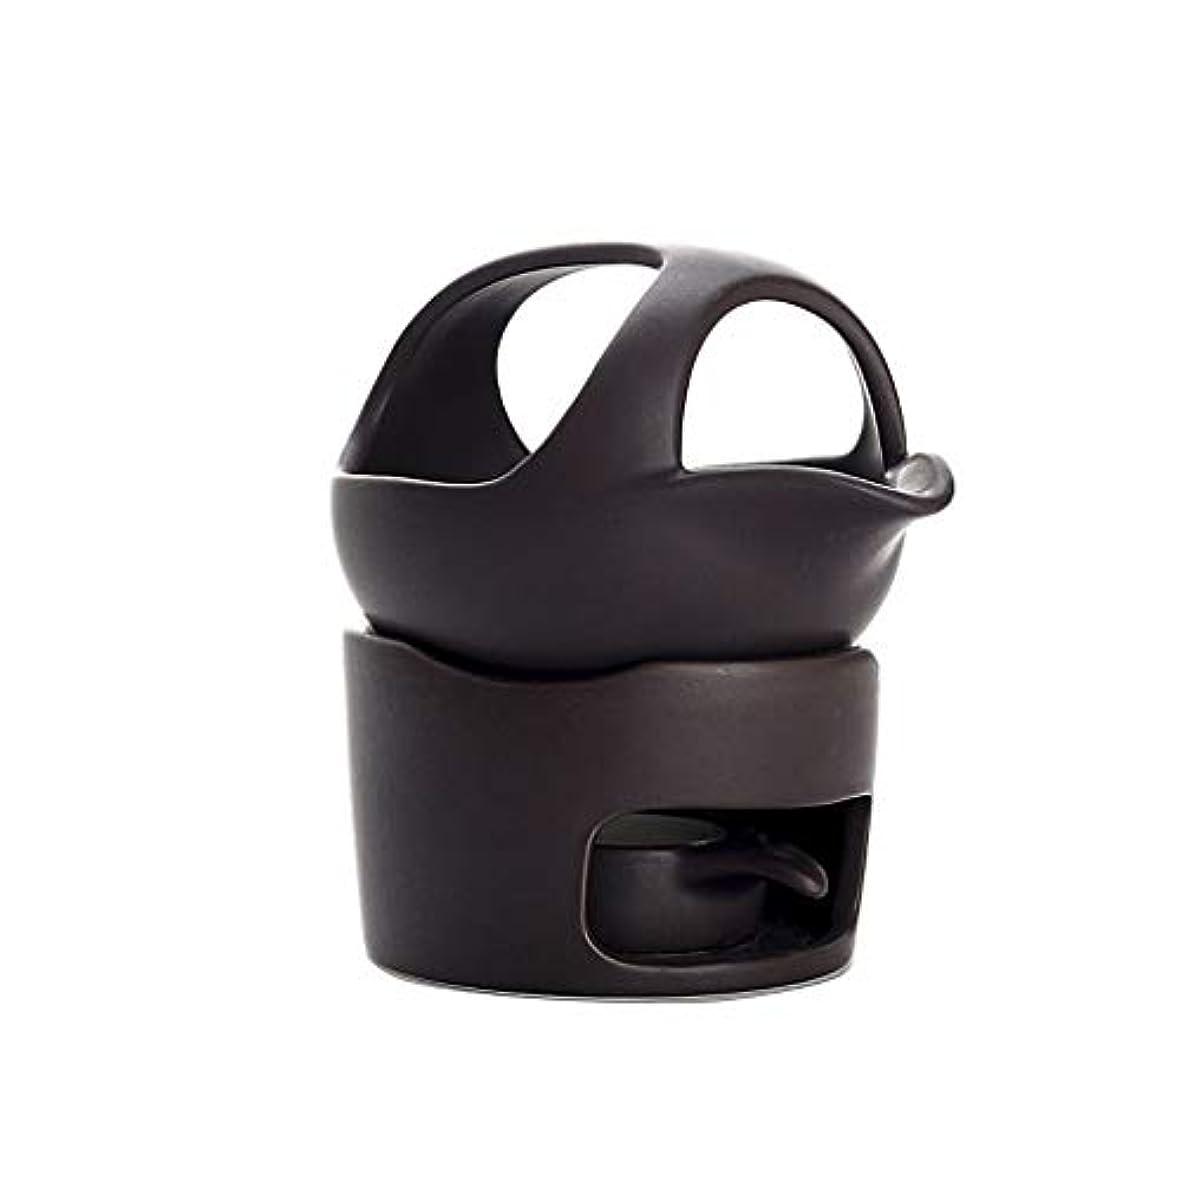 芳香器?アロマバーナー セラミックお香バーナースモークティーストーブウェイクアップお茶お香バーナー陶器お茶セットアクセサリーお香ホルダー アロマバーナー (Color : Black, サイズ : 12.5cm)